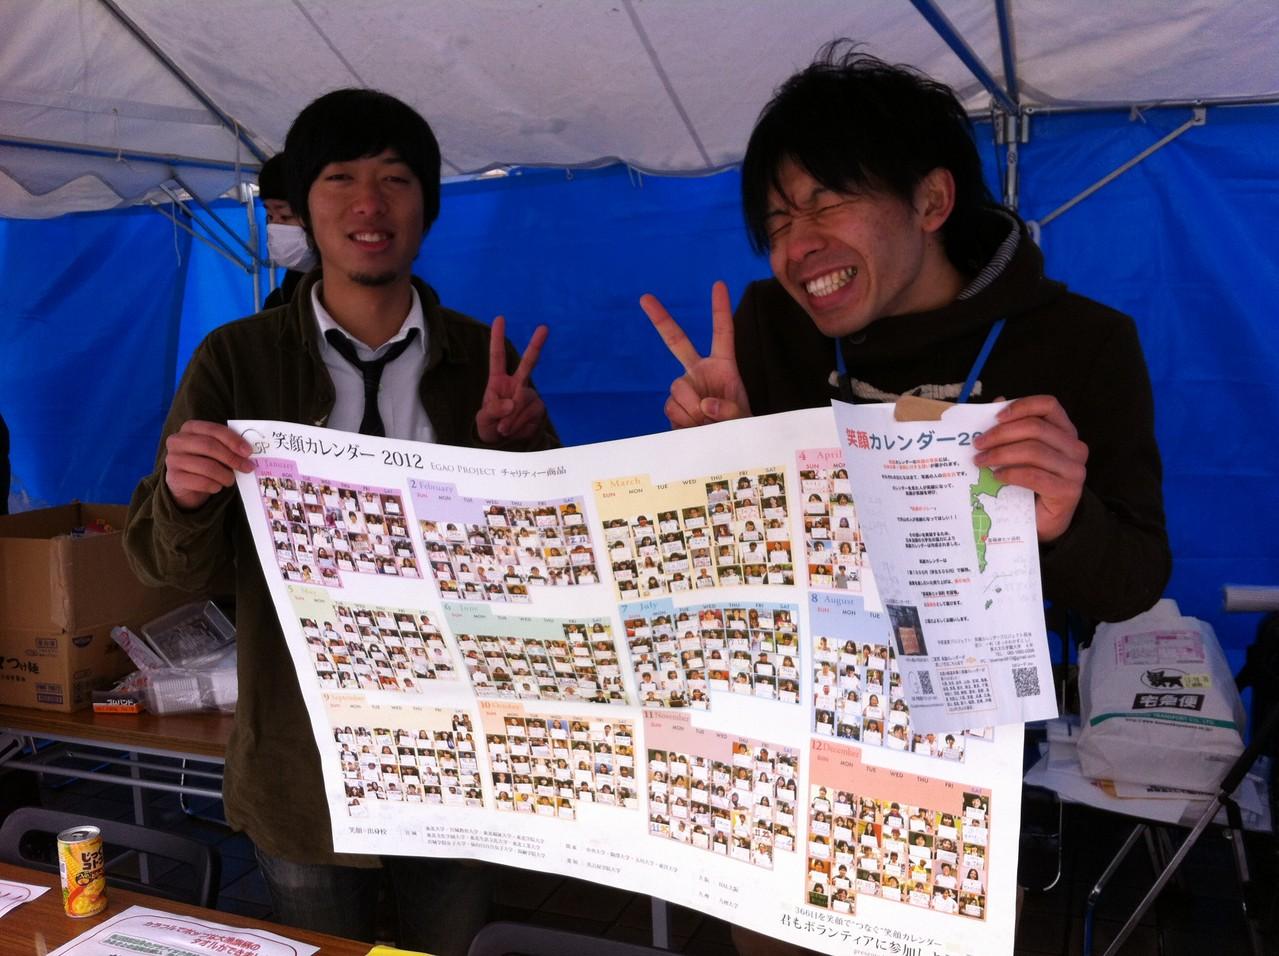 仙台市 泉区 復興イベント